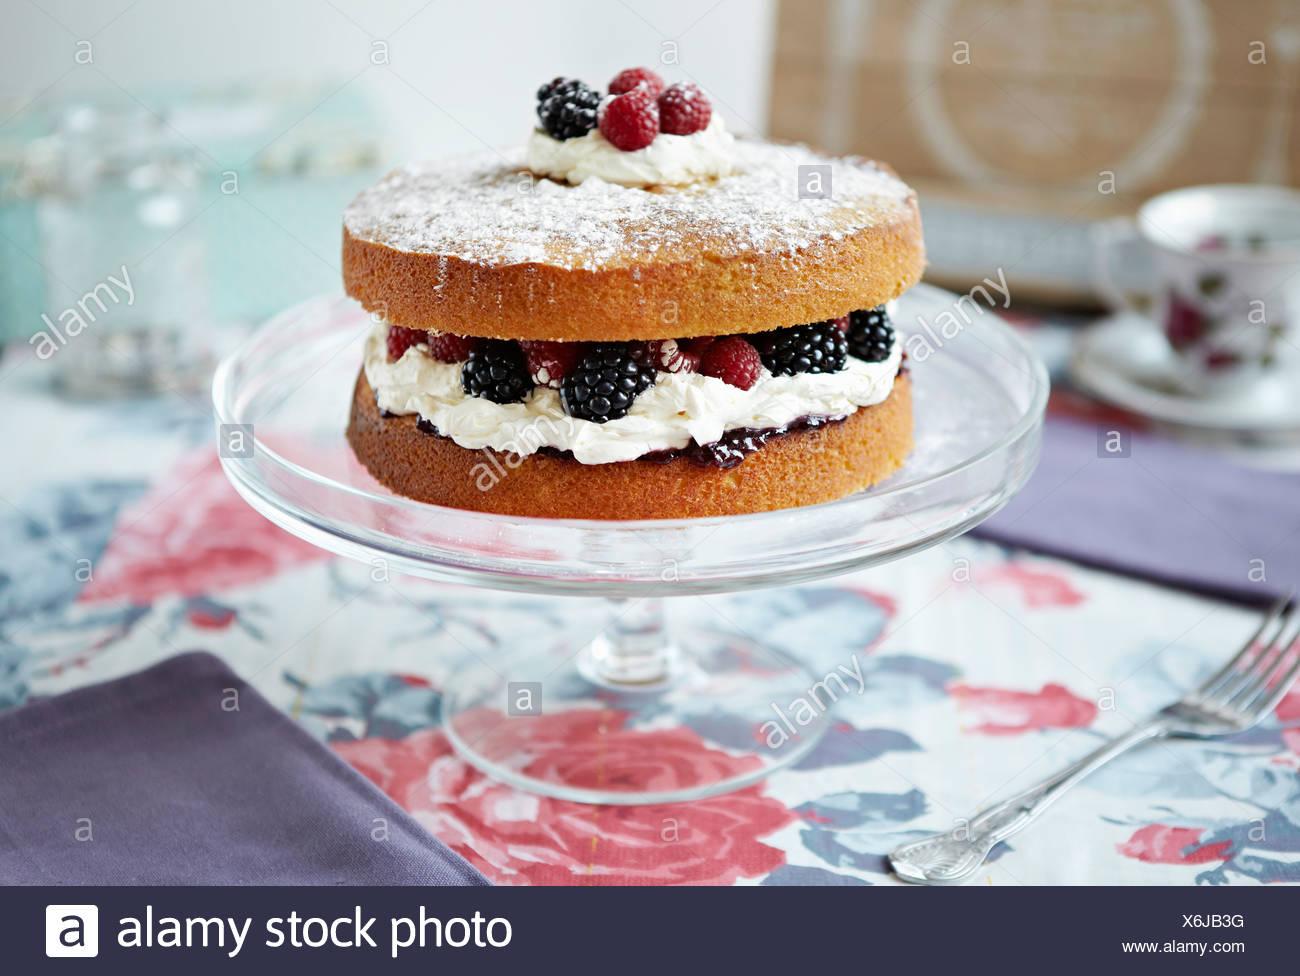 Gâteau aux fruits rouges sur le plateau Photo Stock